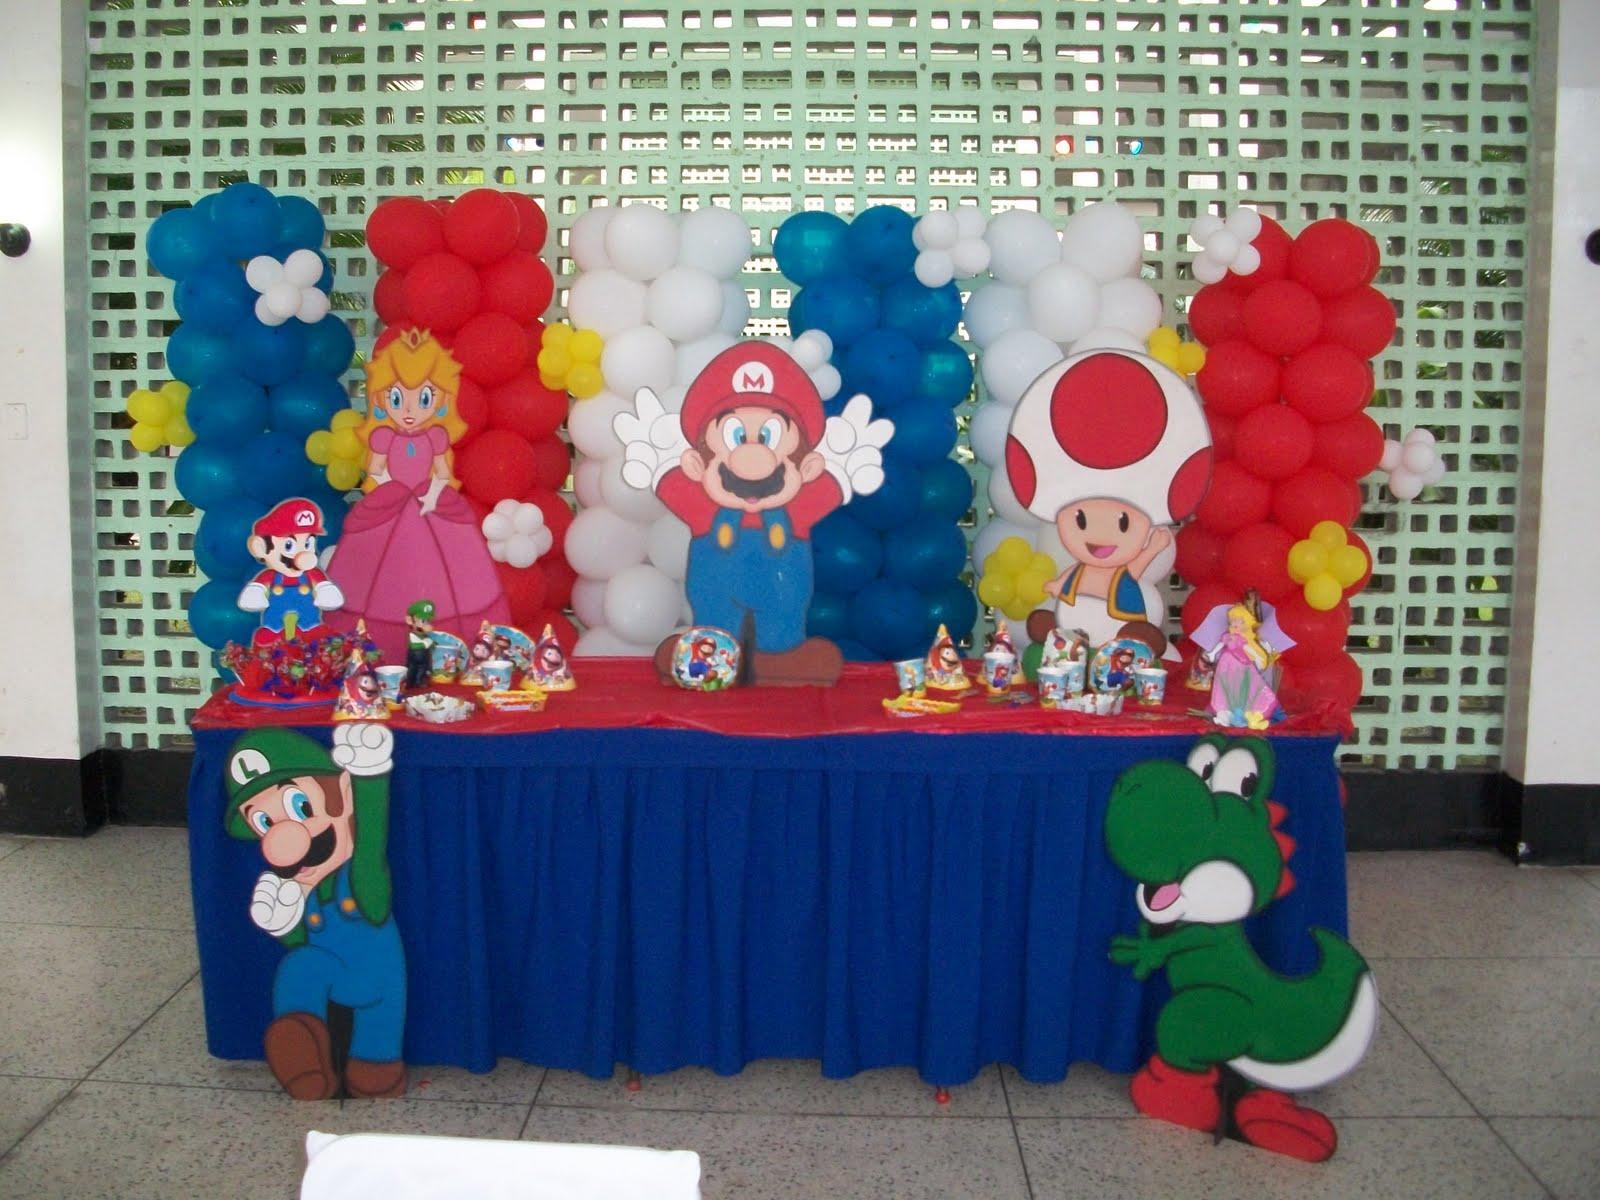 Top juveniles eventos invitaciones wallpapers - Decoracion fiestas infantiles ...